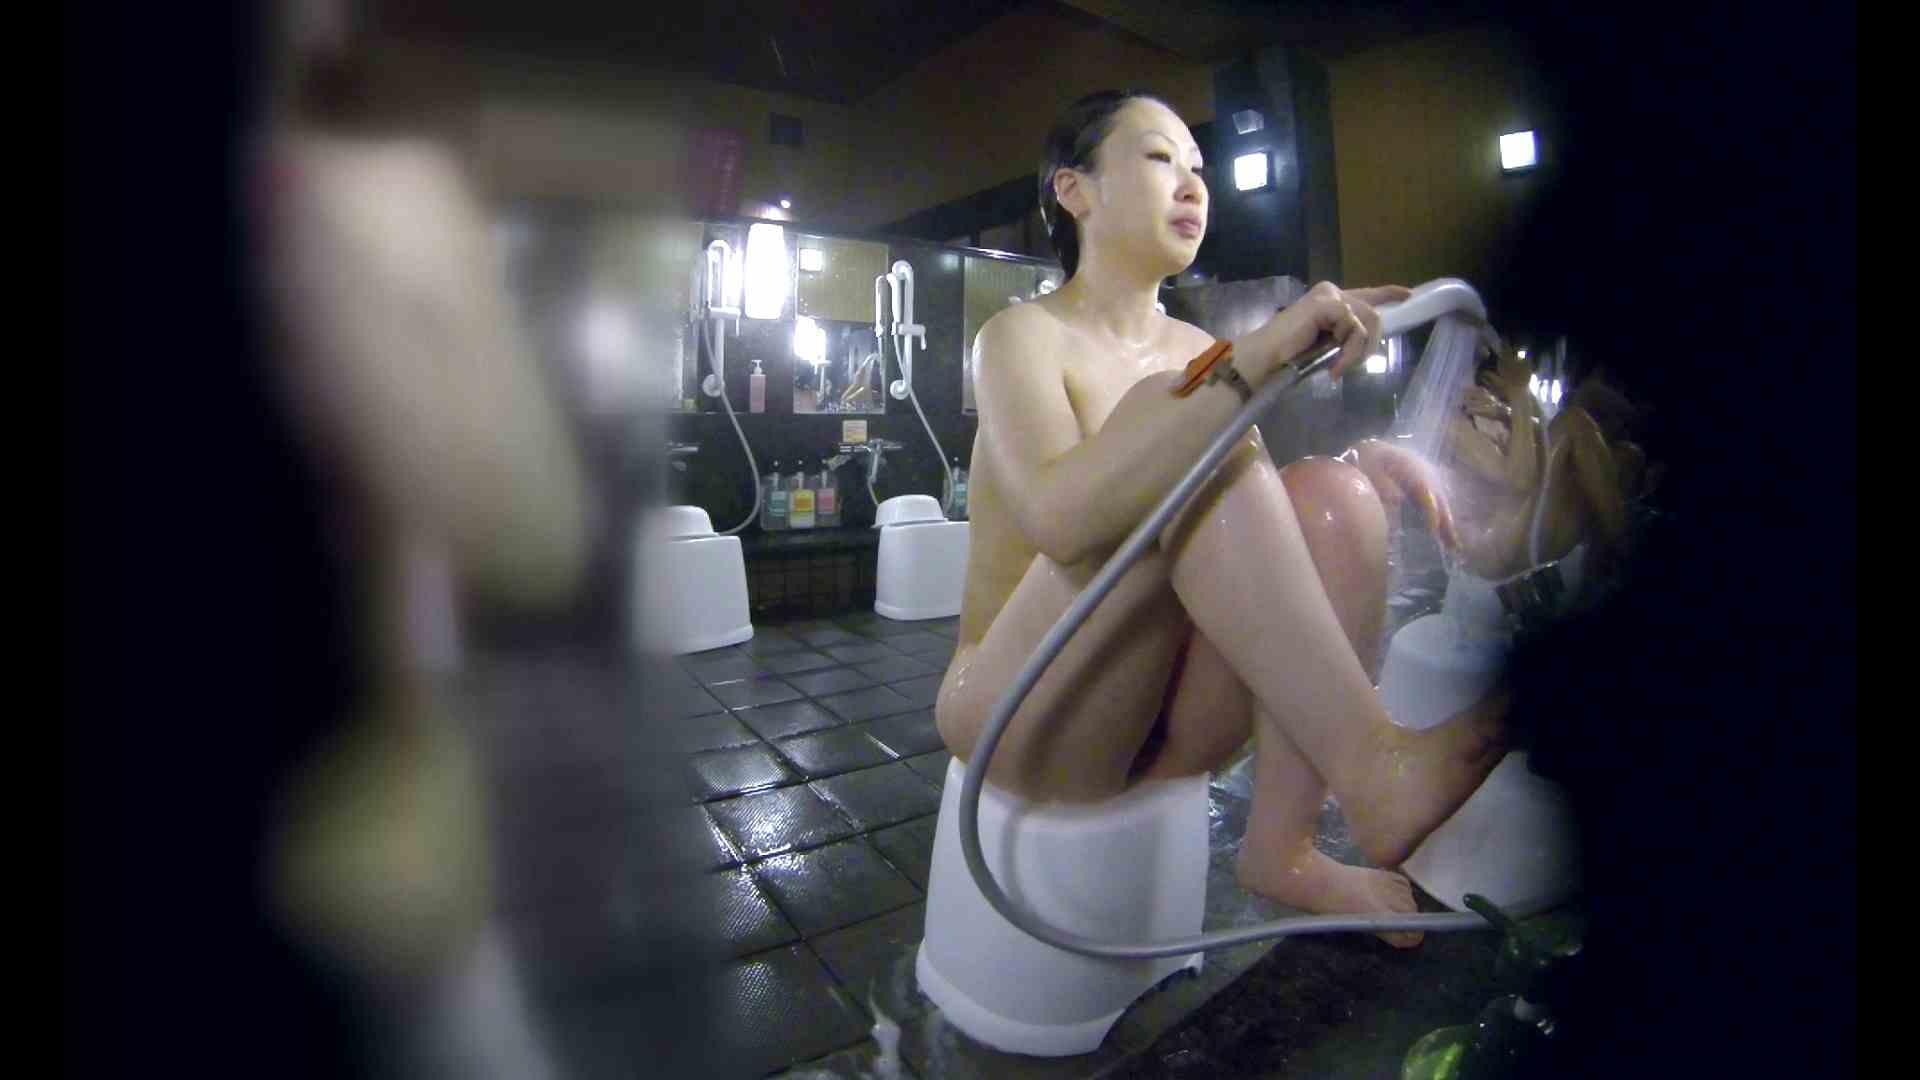 洗い場!米粉パンかのようなもっちり感。あっ!具が! 銭湯   潜入エロ調査  99連発 26